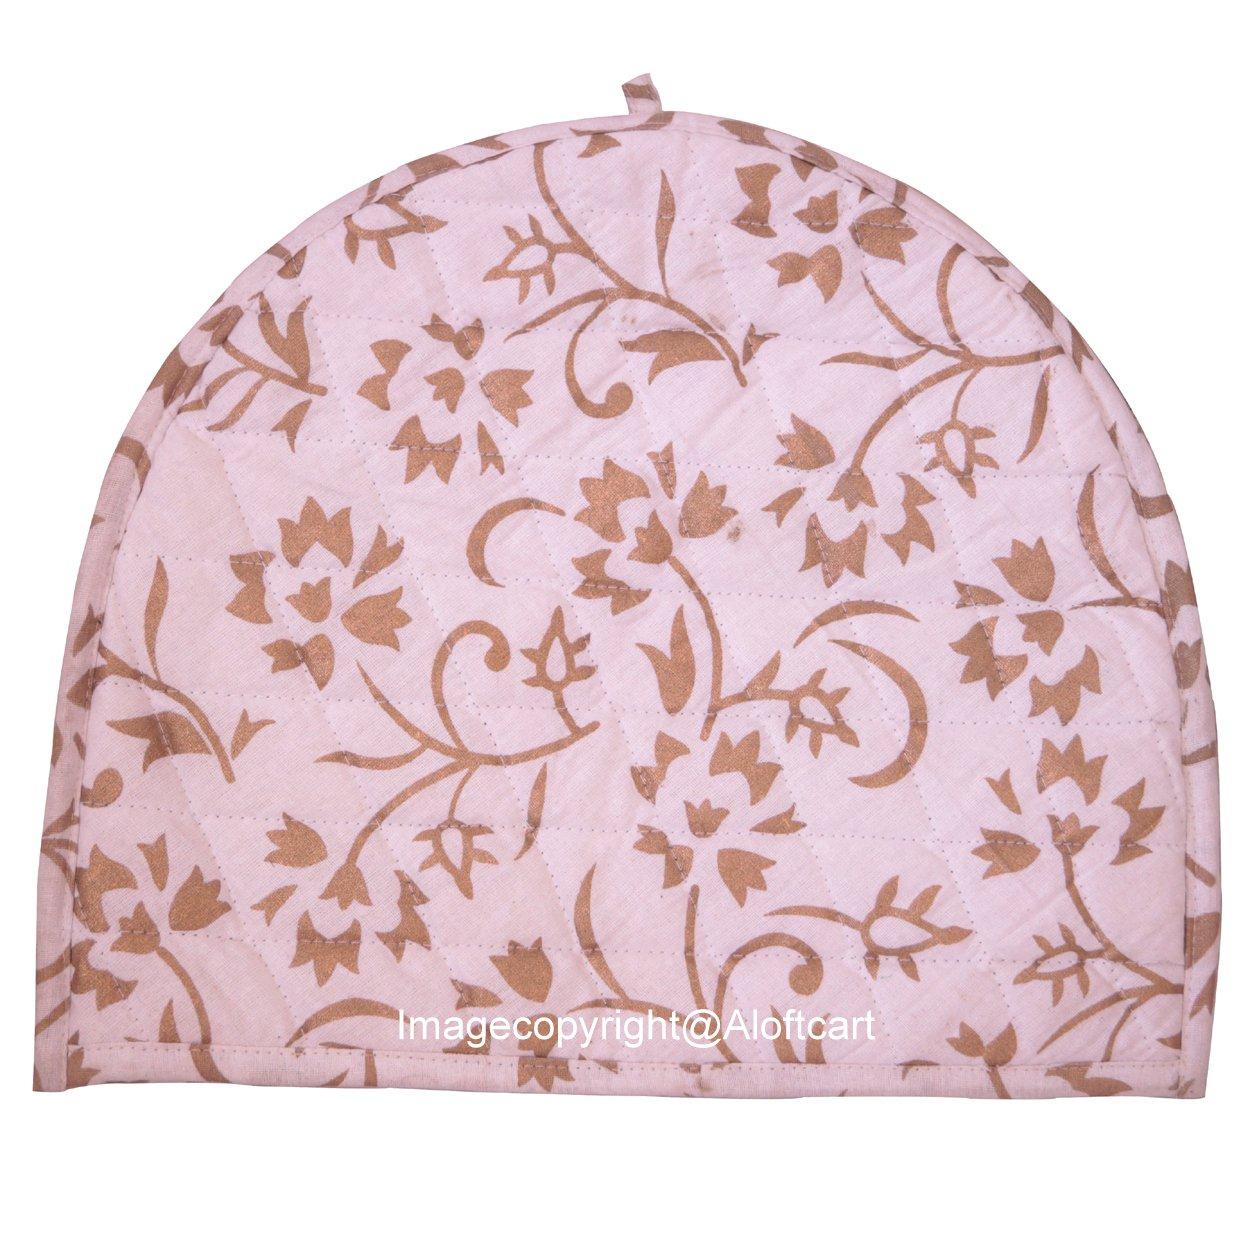 Aunercart Handmade Cotton Mandala Golden Ombre Tea Cosy Indian Mandala Tea Cozies Tea Pot Cover Tea Cozy